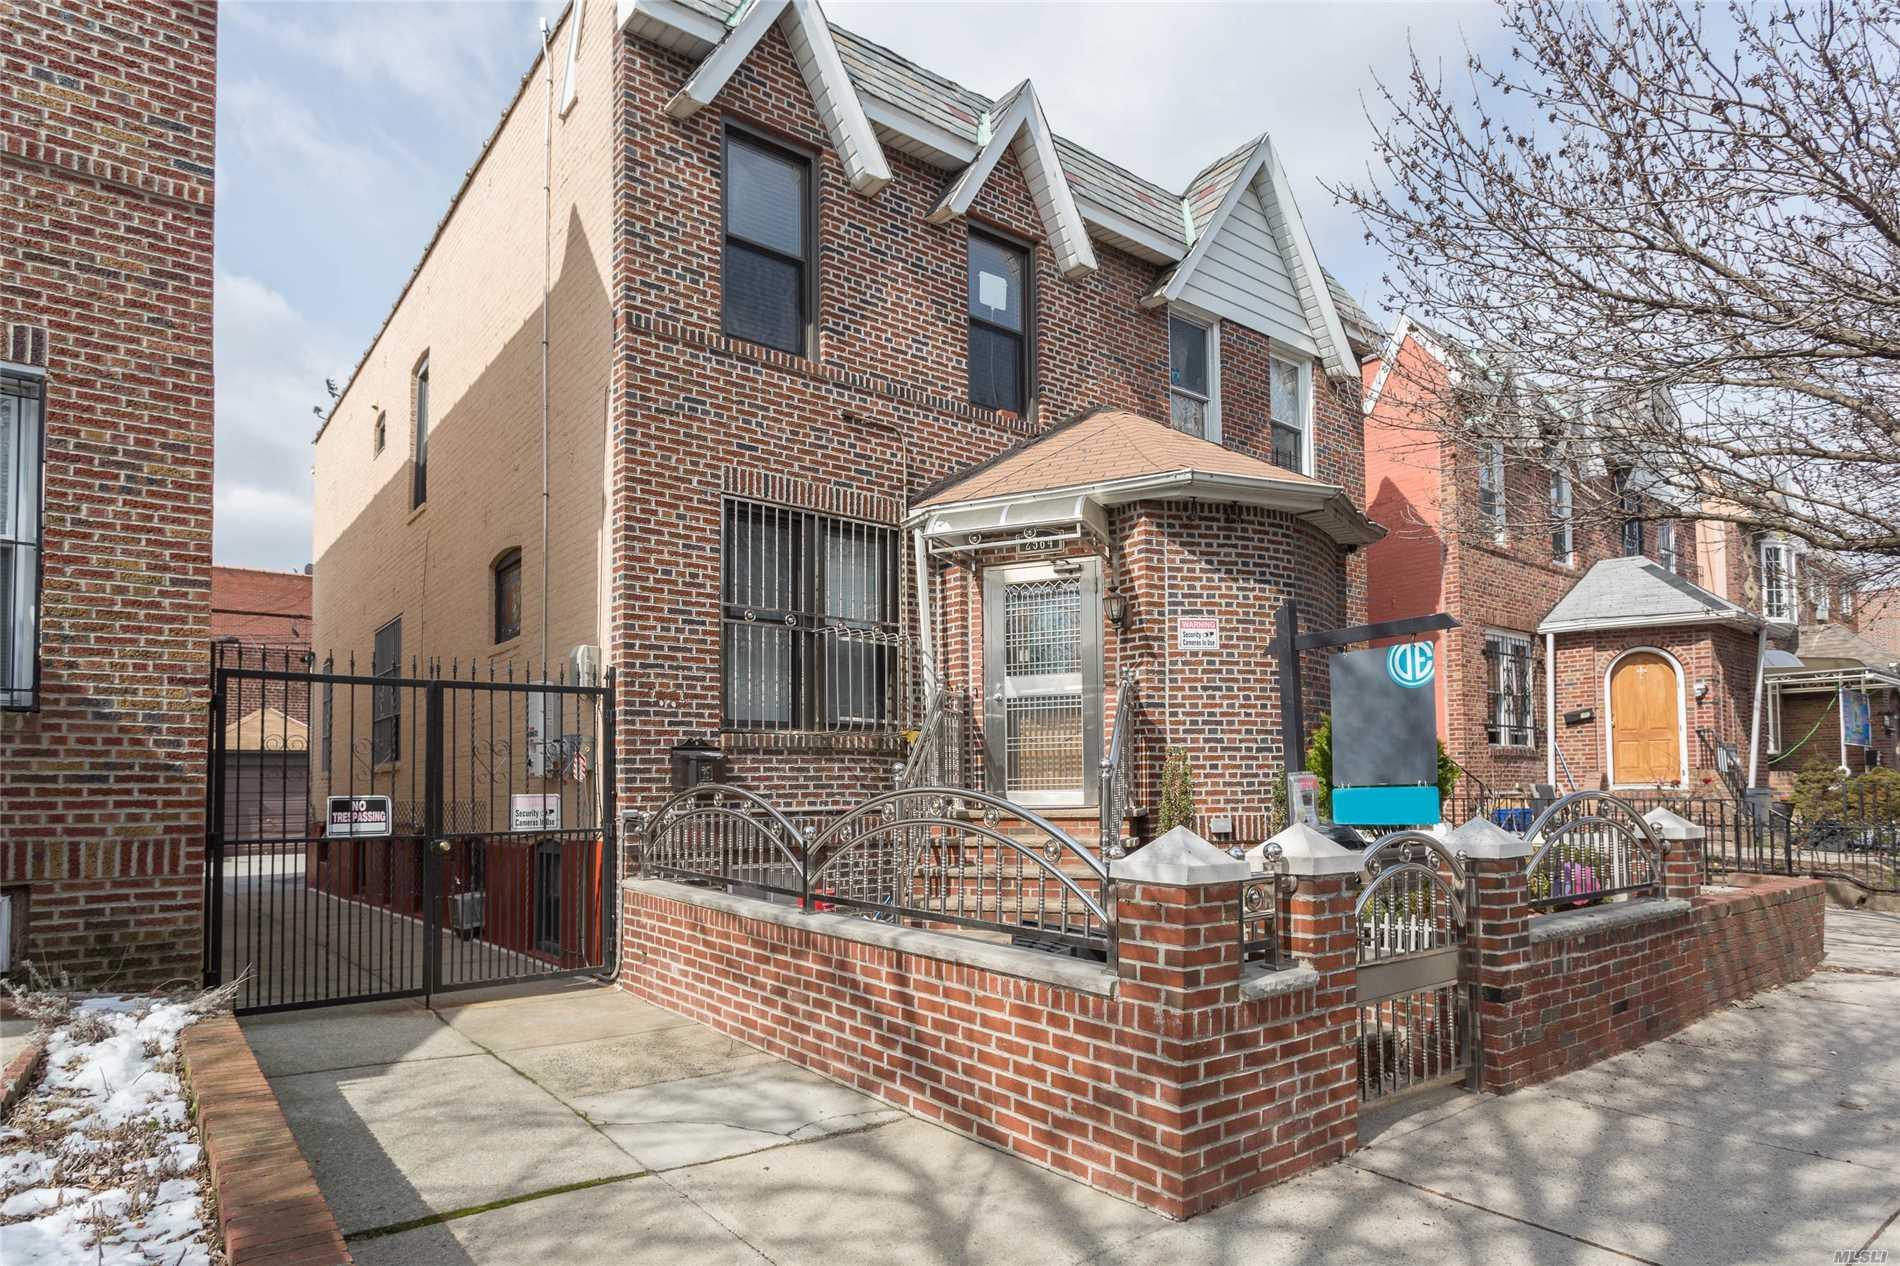 25-64 83 St - East Elmhurst, New York